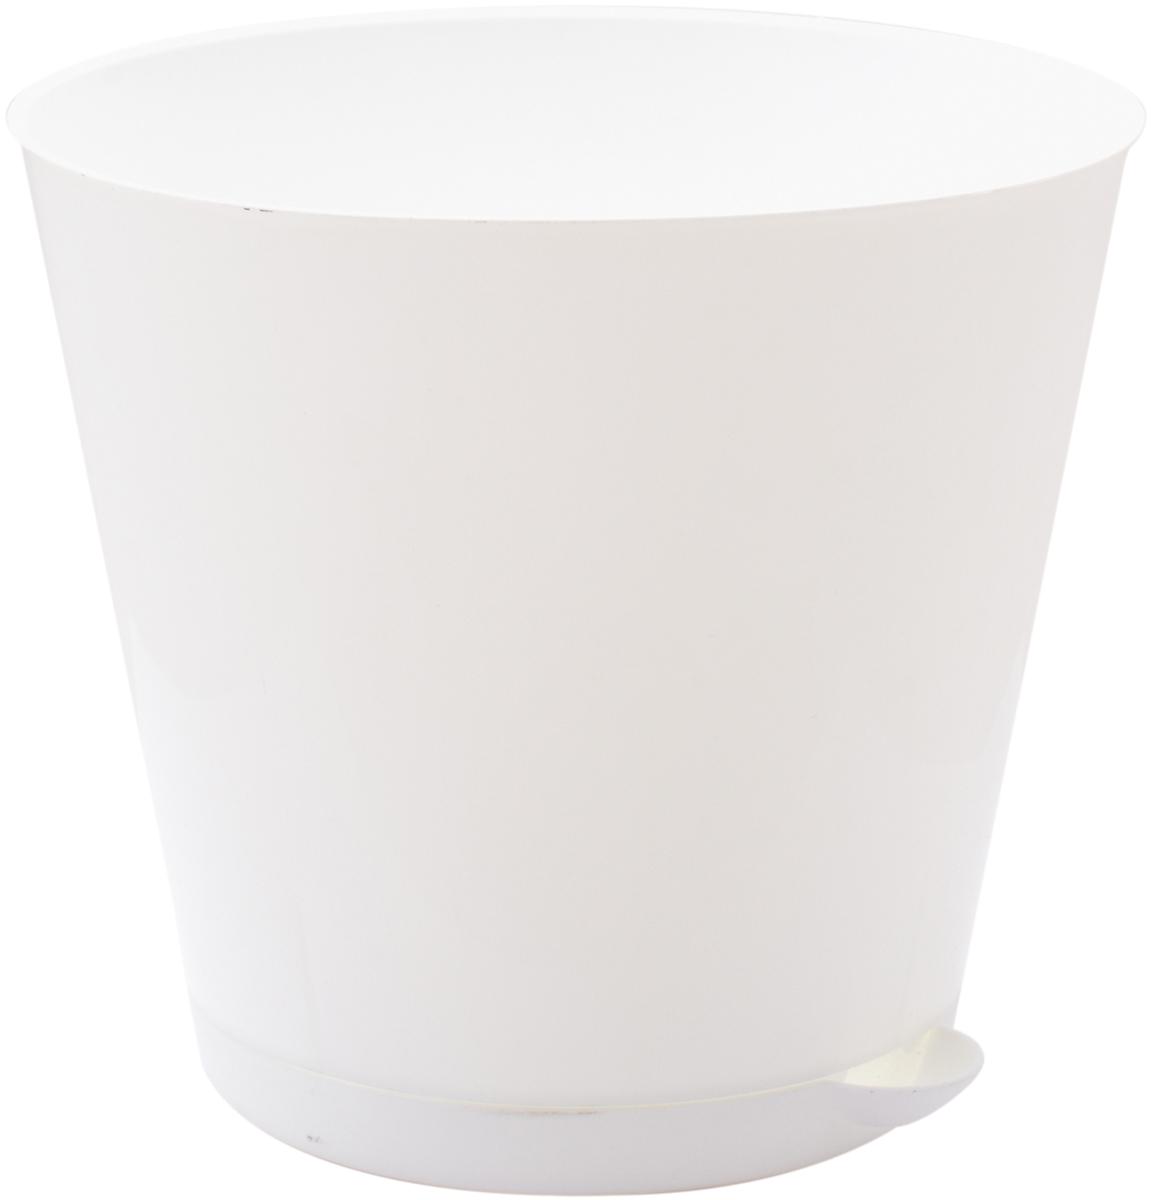 Горшок для цветов InGreen Крит, с системой прикорневого полива, цвет: белый, диаметр 16 смING46016БЛ-16РSЦветочный горшок «Крит» - это поиск нового, в основе которого лежит целесообразность. Горшок лаконичный и богат яркими цветовыми решениями, отличается функциональностью. Специальная конструкция обеспечивает вентиляцию в корневой системе растения, а дренажная решетка позволяет выходить лишней влаге из почвы. Крепежные отверстия и штыри прочно крепят подставку к горшку. Прикорневой полив растения осуществляется через удобный носик.